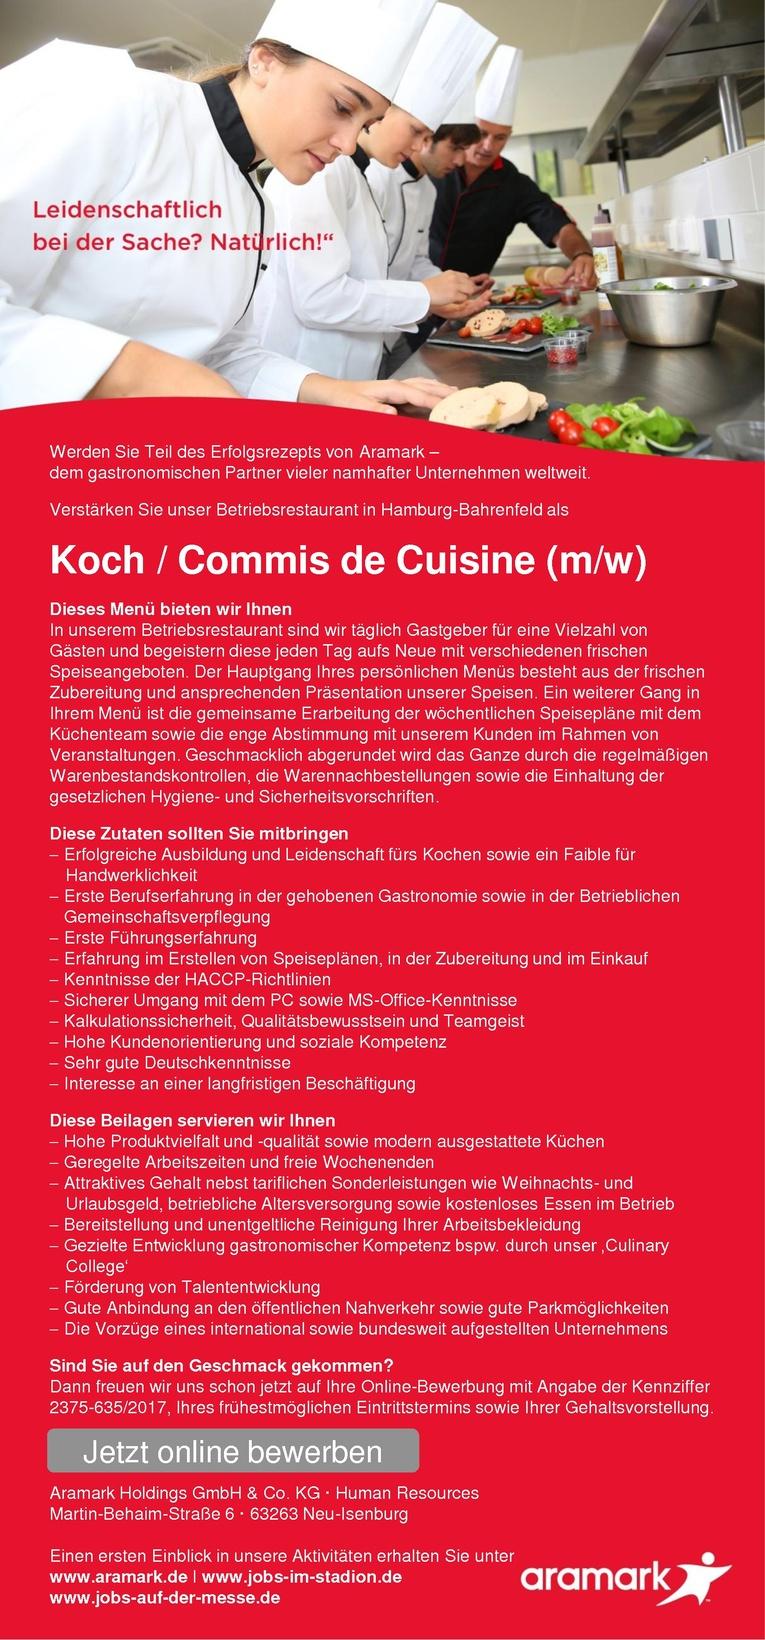 Koch / Commis de Cuisine (m/w)